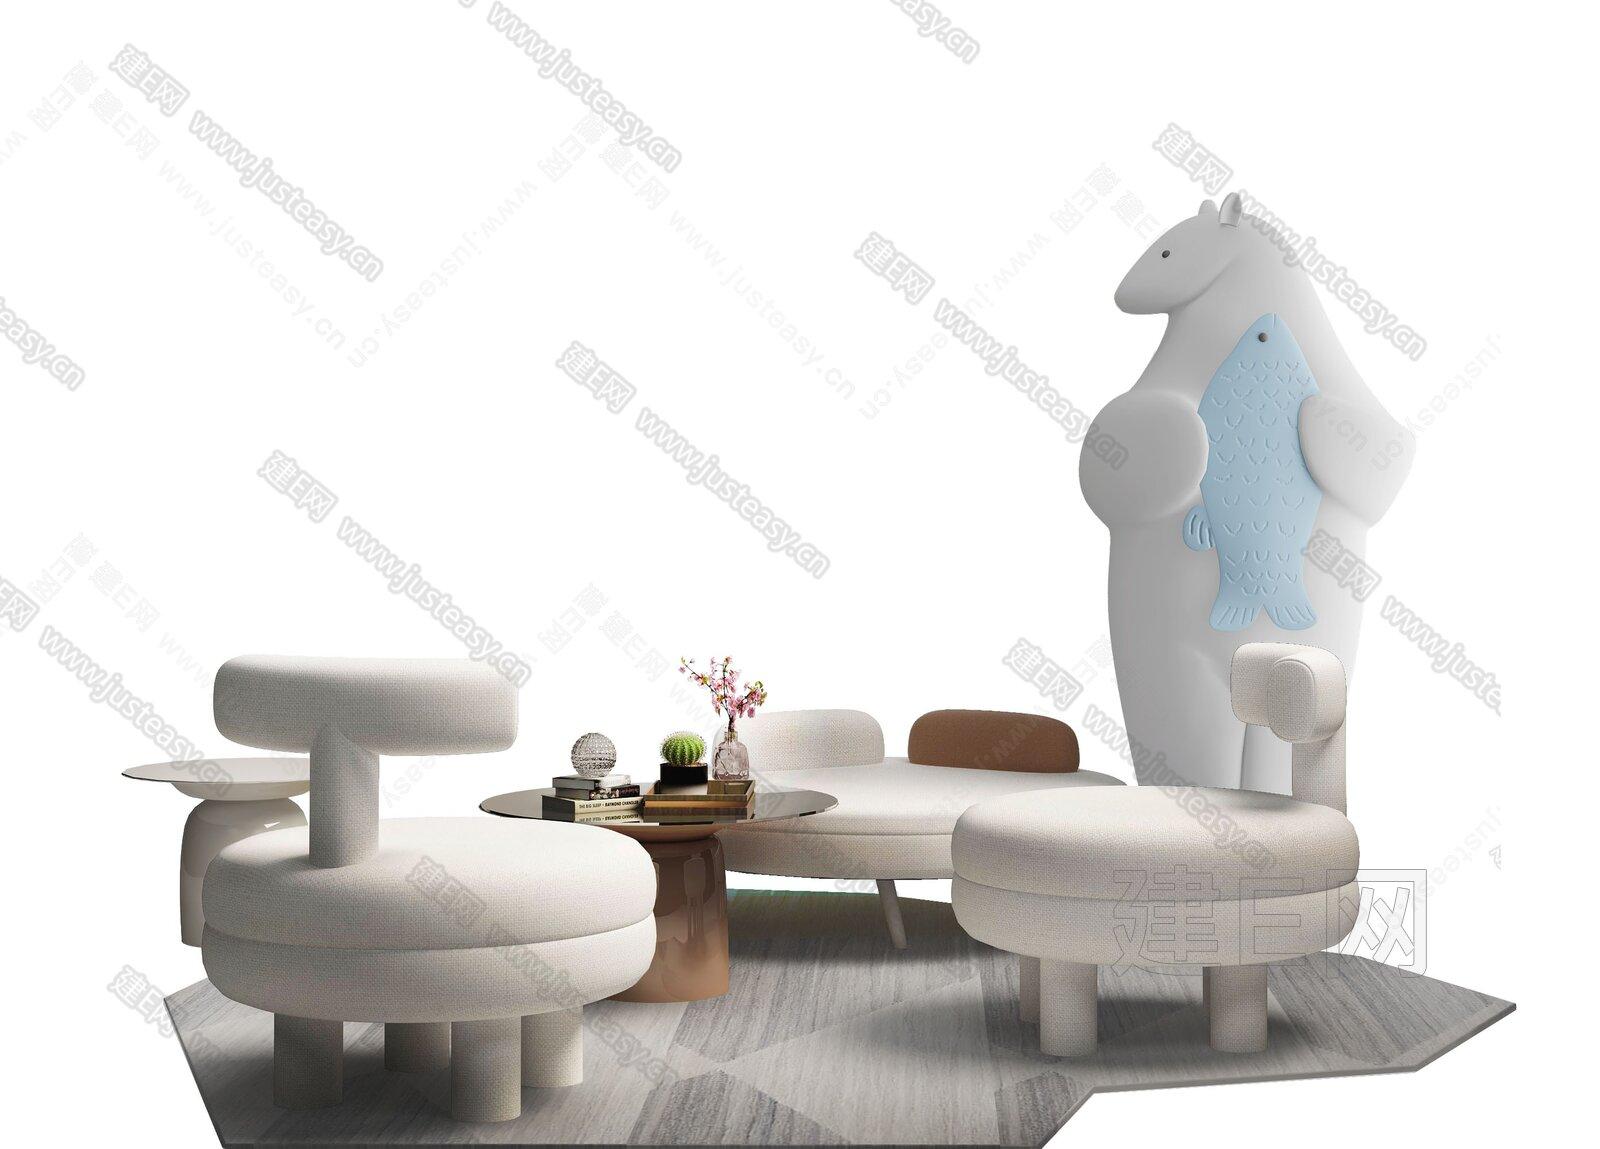 墨设设计 现代休闲桌椅组合3d模型